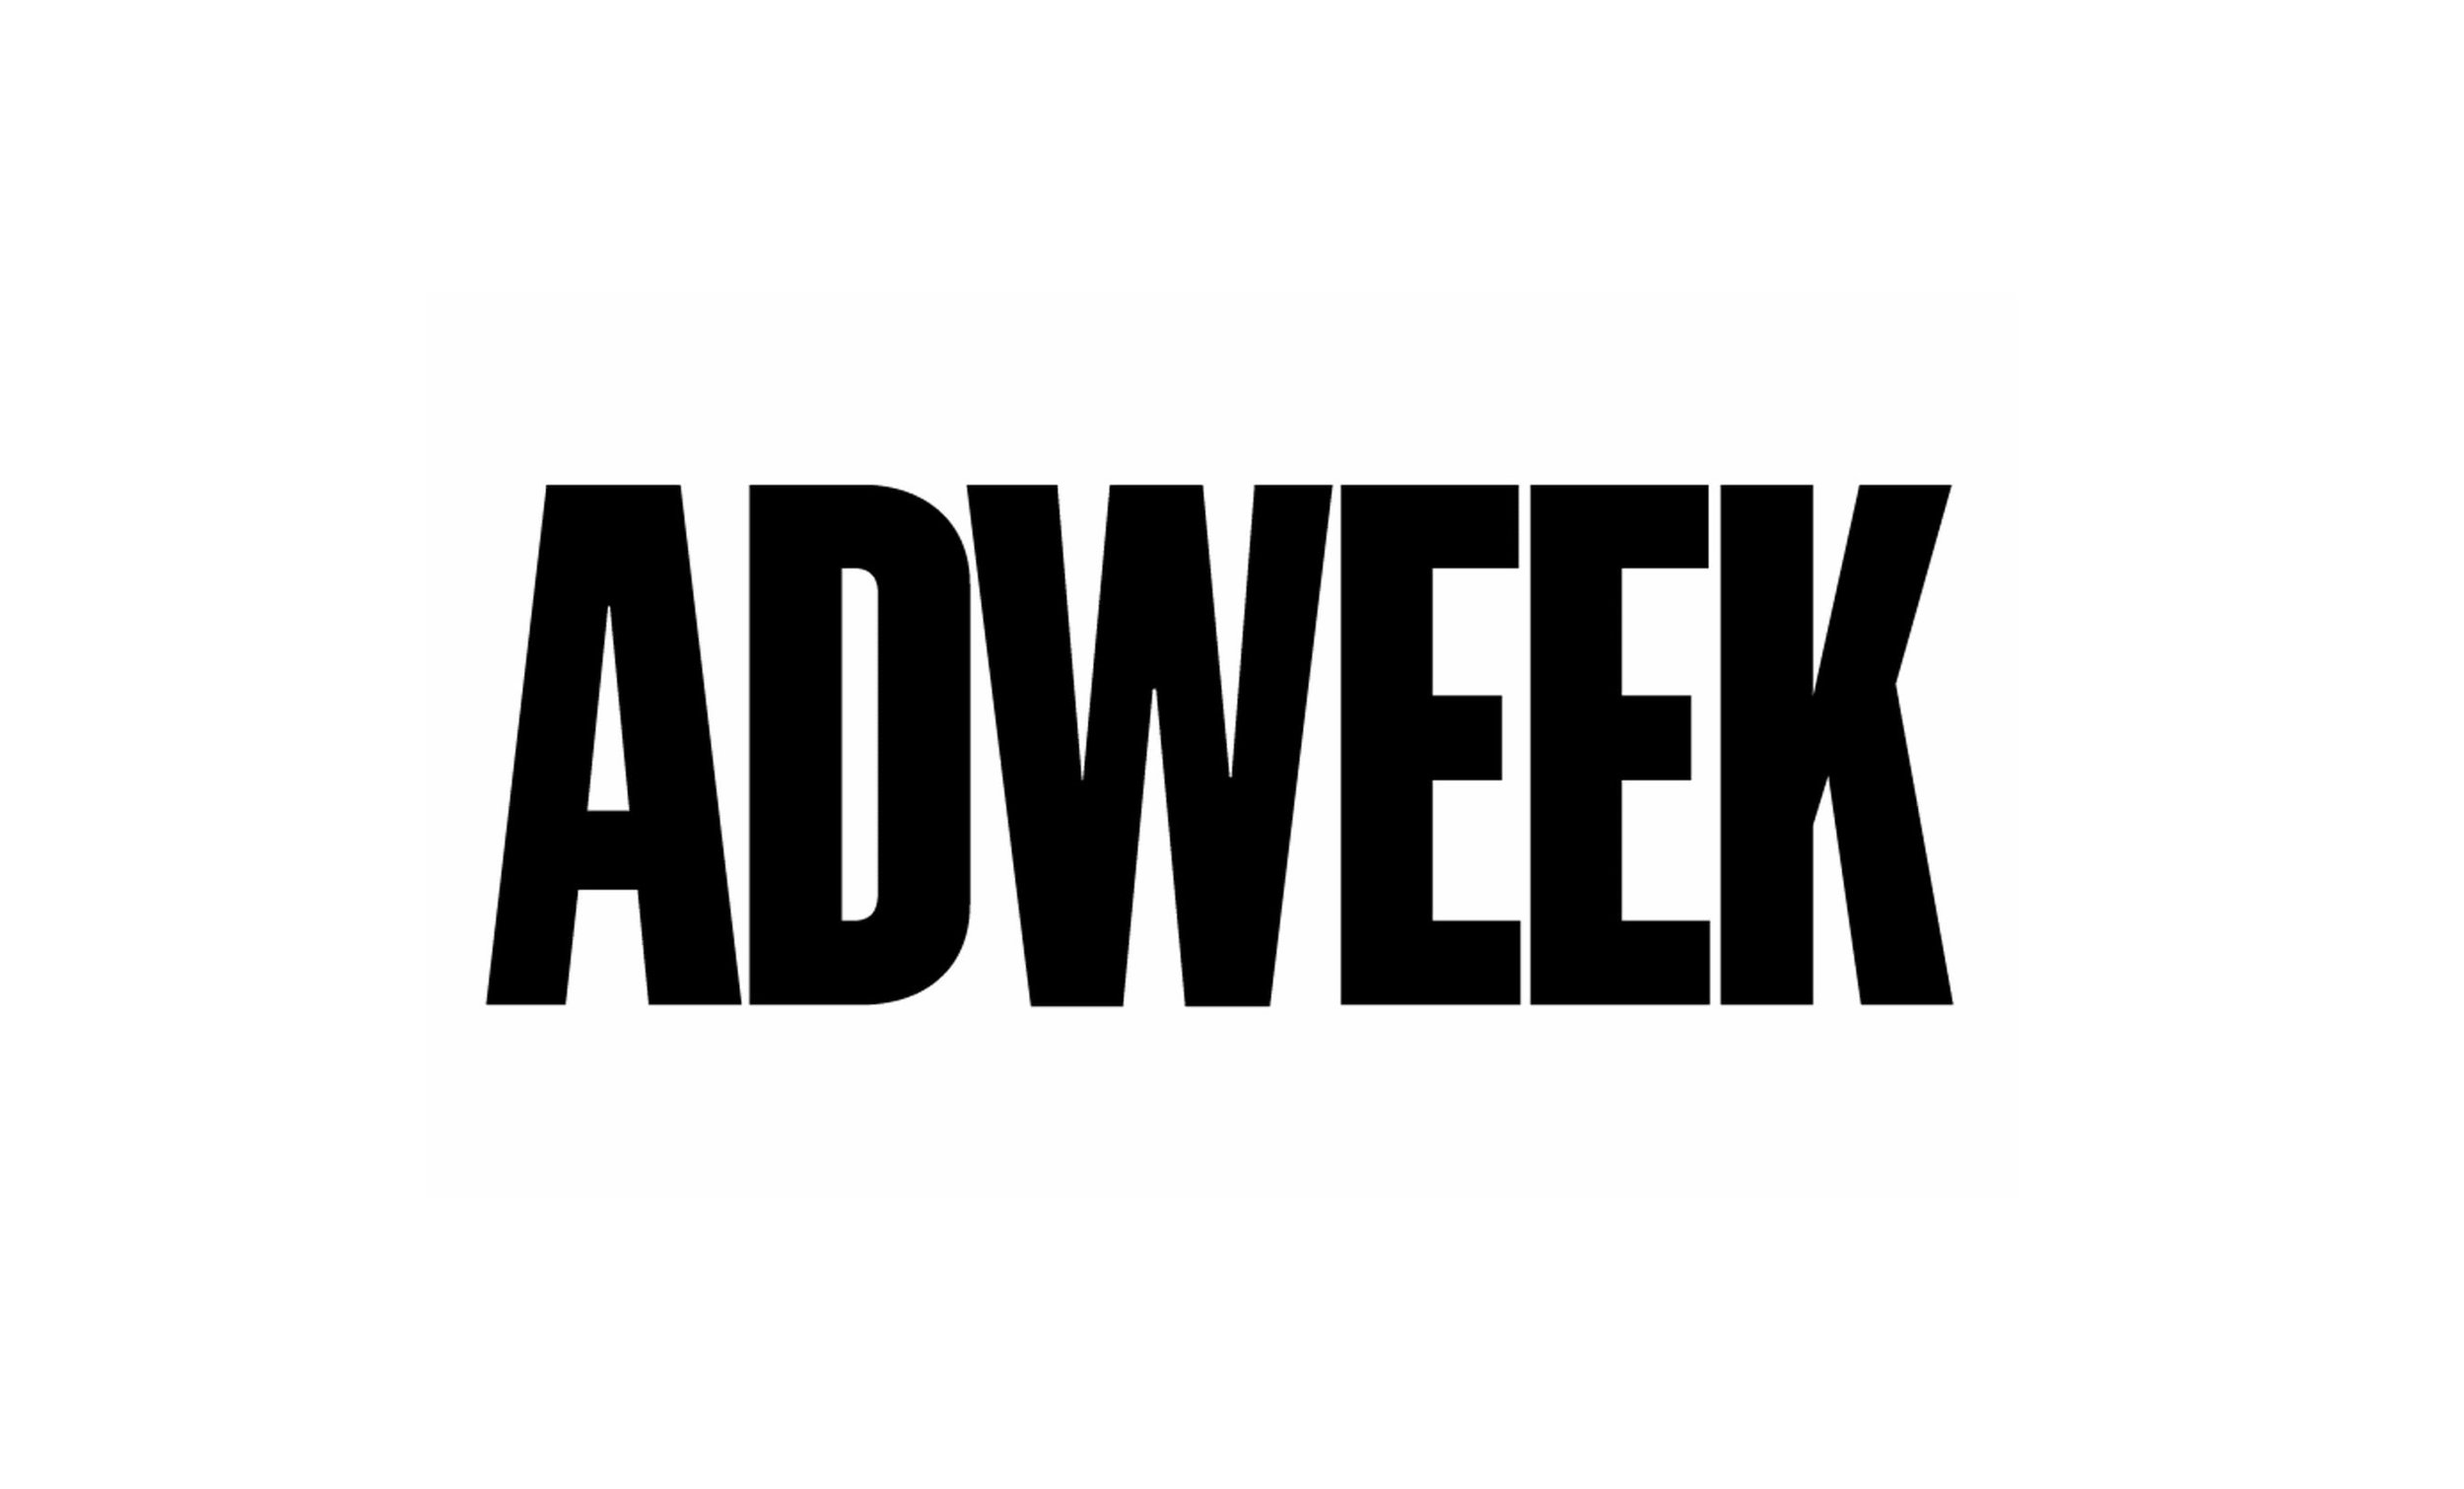 Adweek-large-logo2invert.jpg